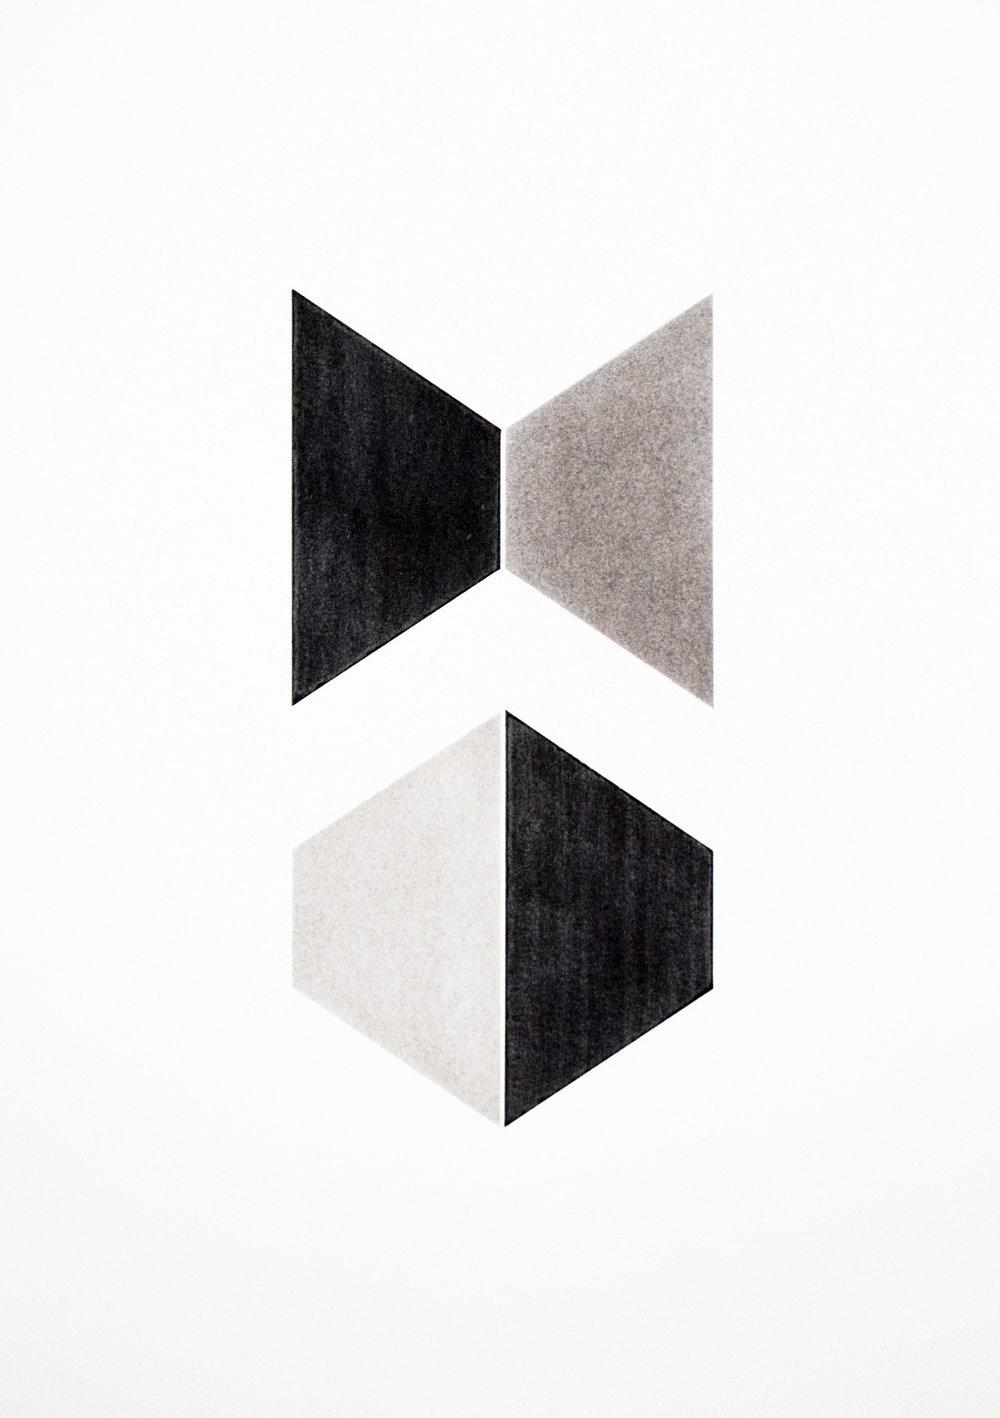 _3_sam-still 17.020 20.5x14.5 ink+kosuth_ash+lewitt_ash on arches 300lb hot press paper 2200framed 1900unframed.jpg